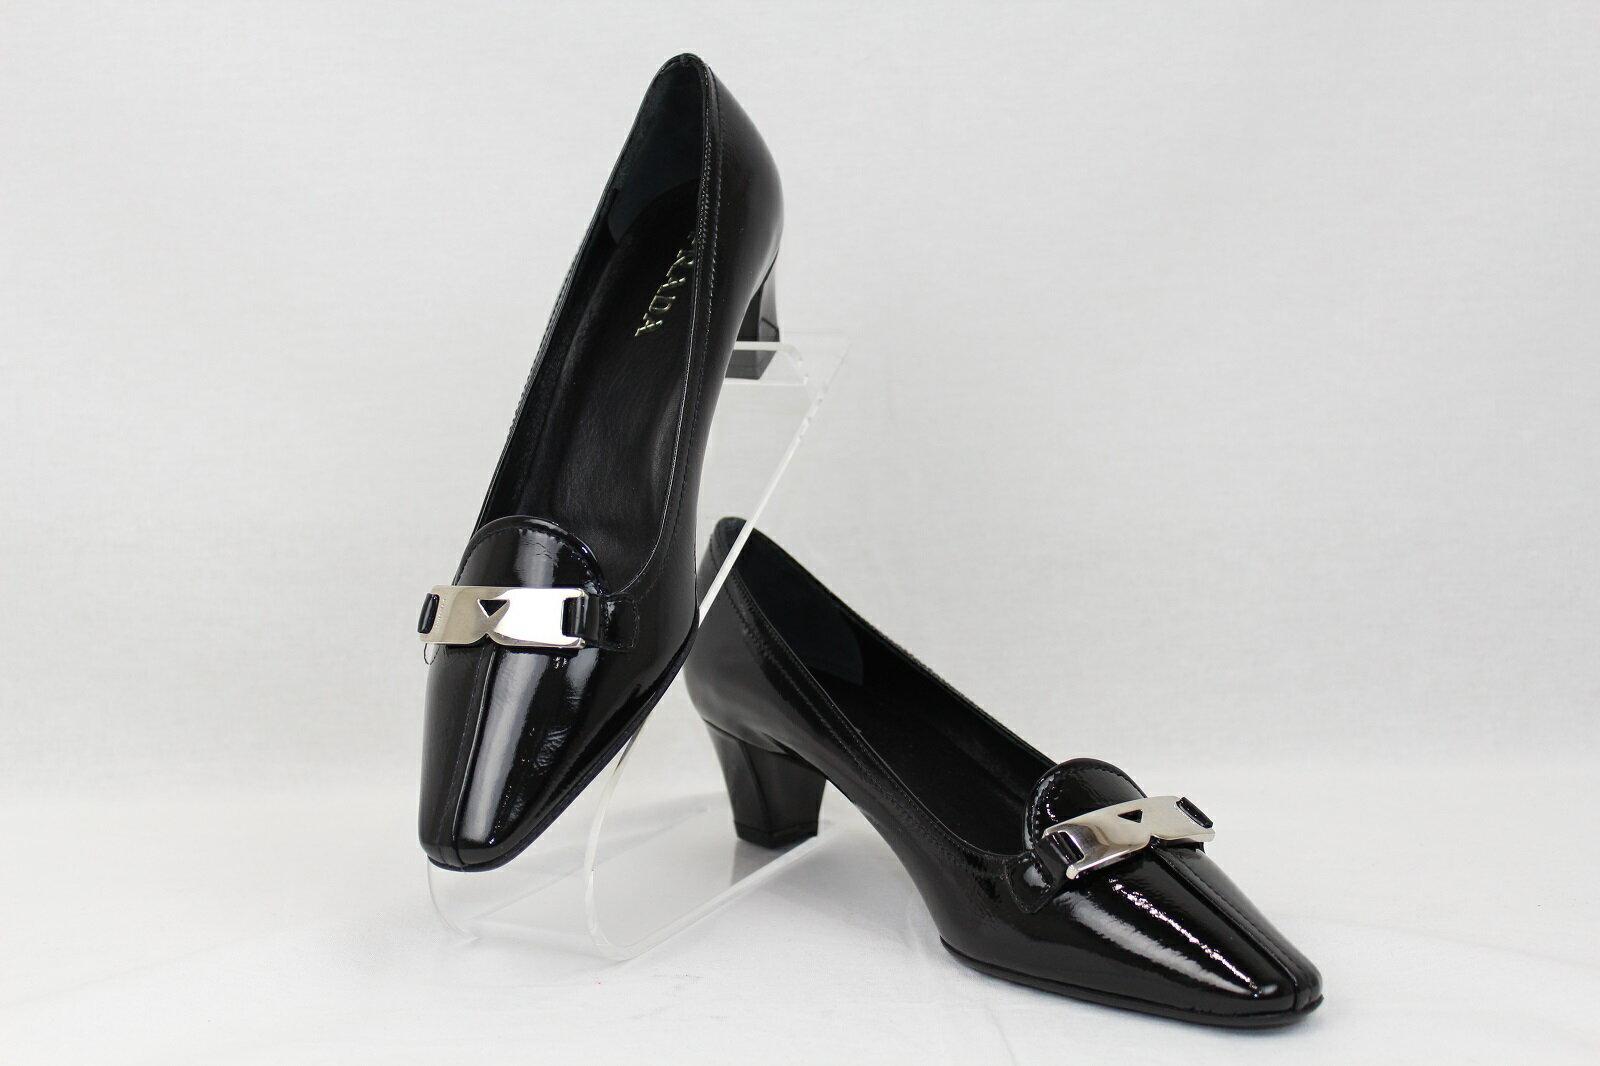 PRADA(プラダ)エナメルパンプス DNC627ブラック 黒 シルバー金具靴 パンプス 未使用品【中古】